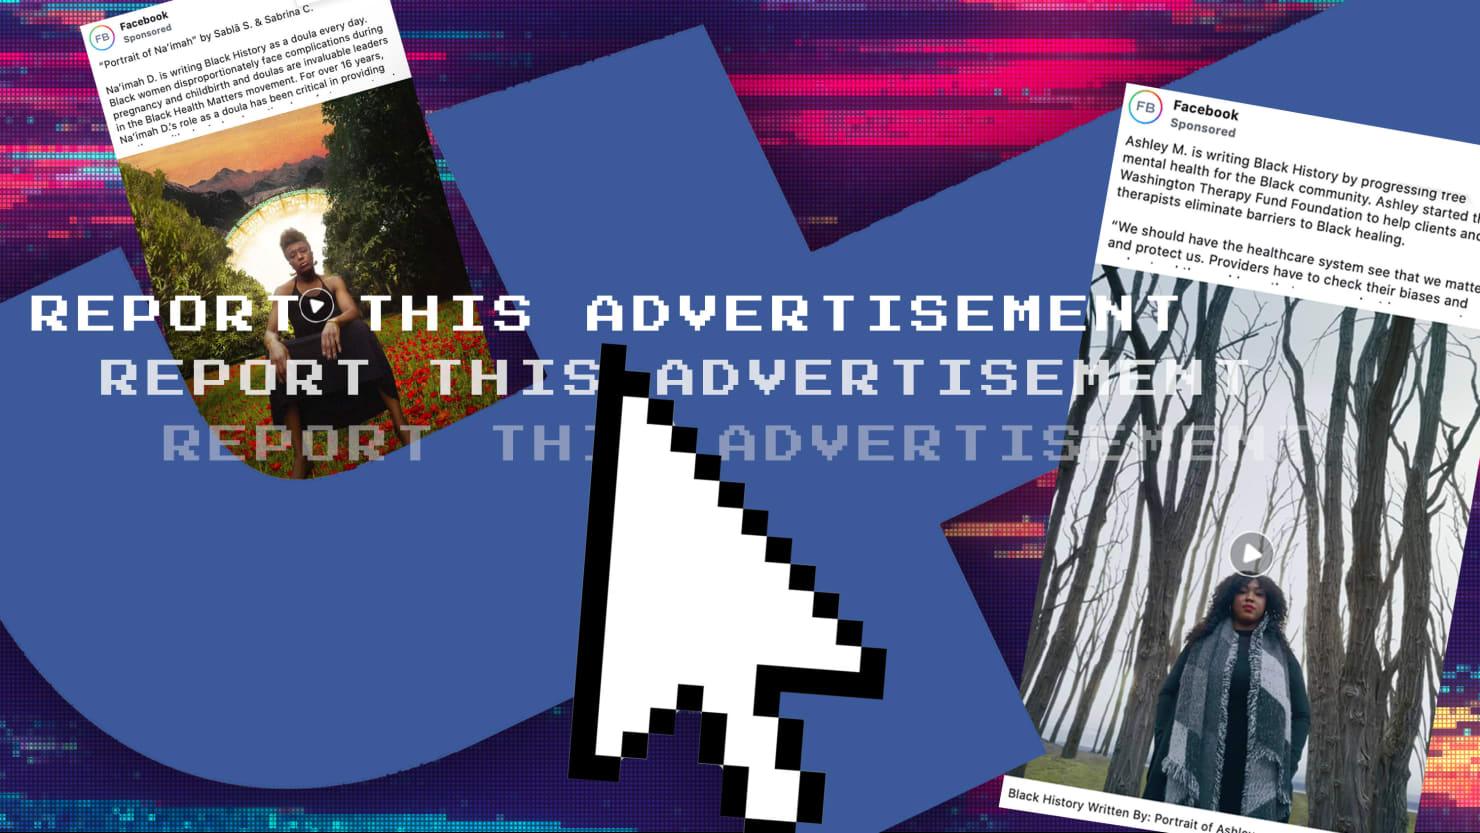 www.thedailybeast.com